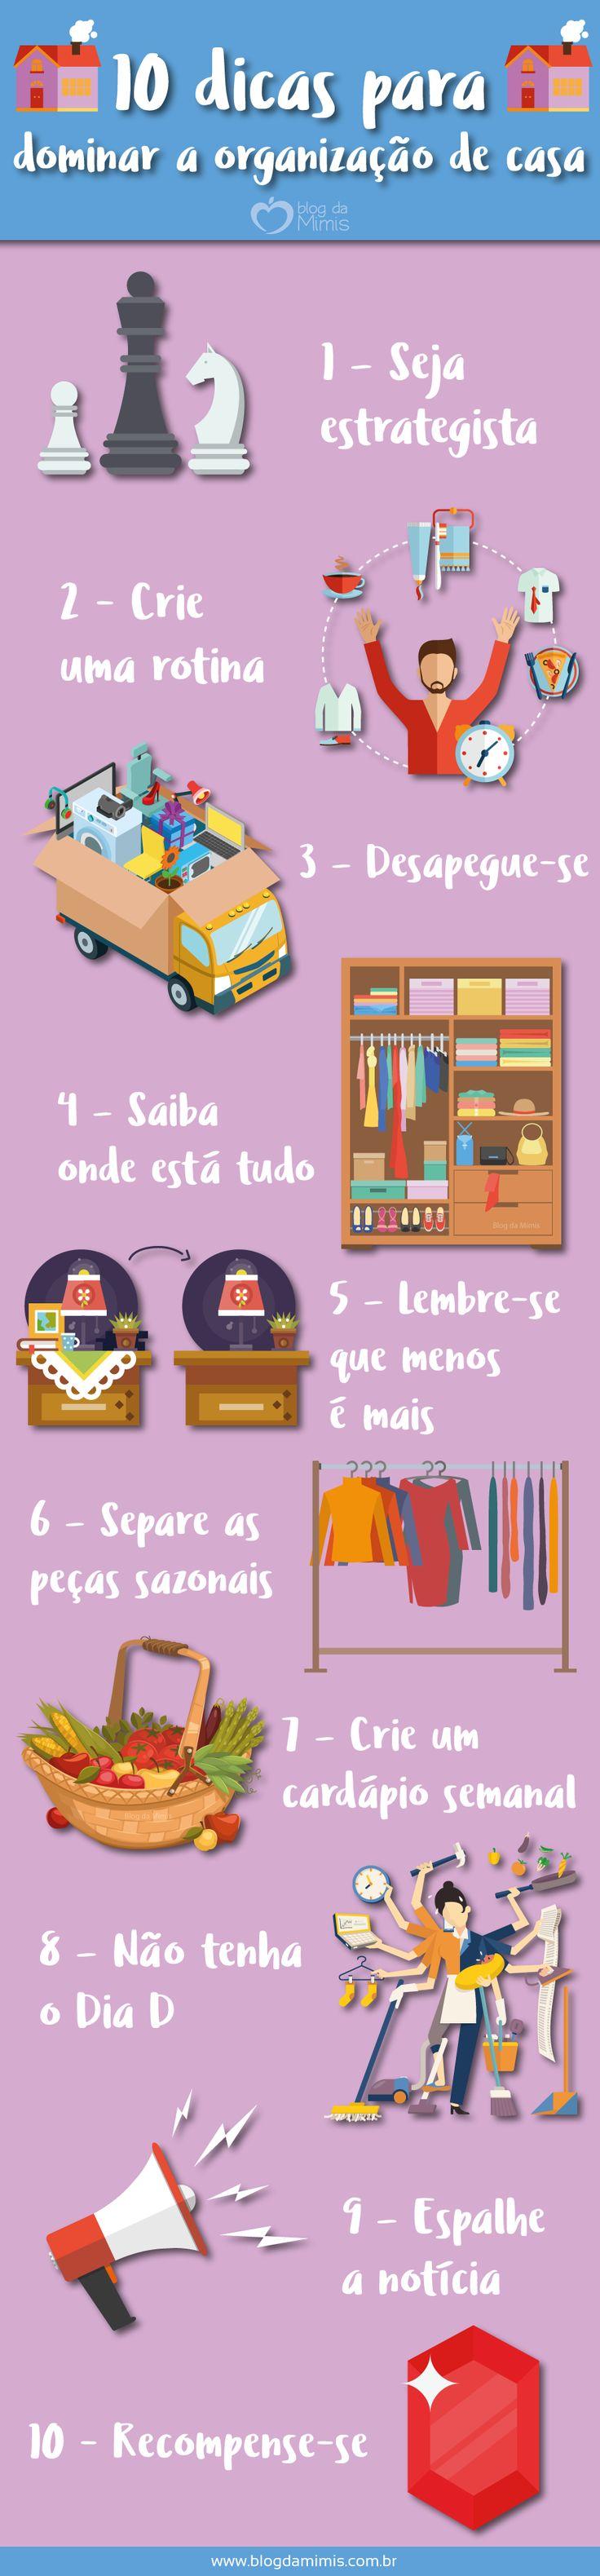 10 Dicas para dominar a organização de casa - Blog da Mimis #organização #casa #home #clean